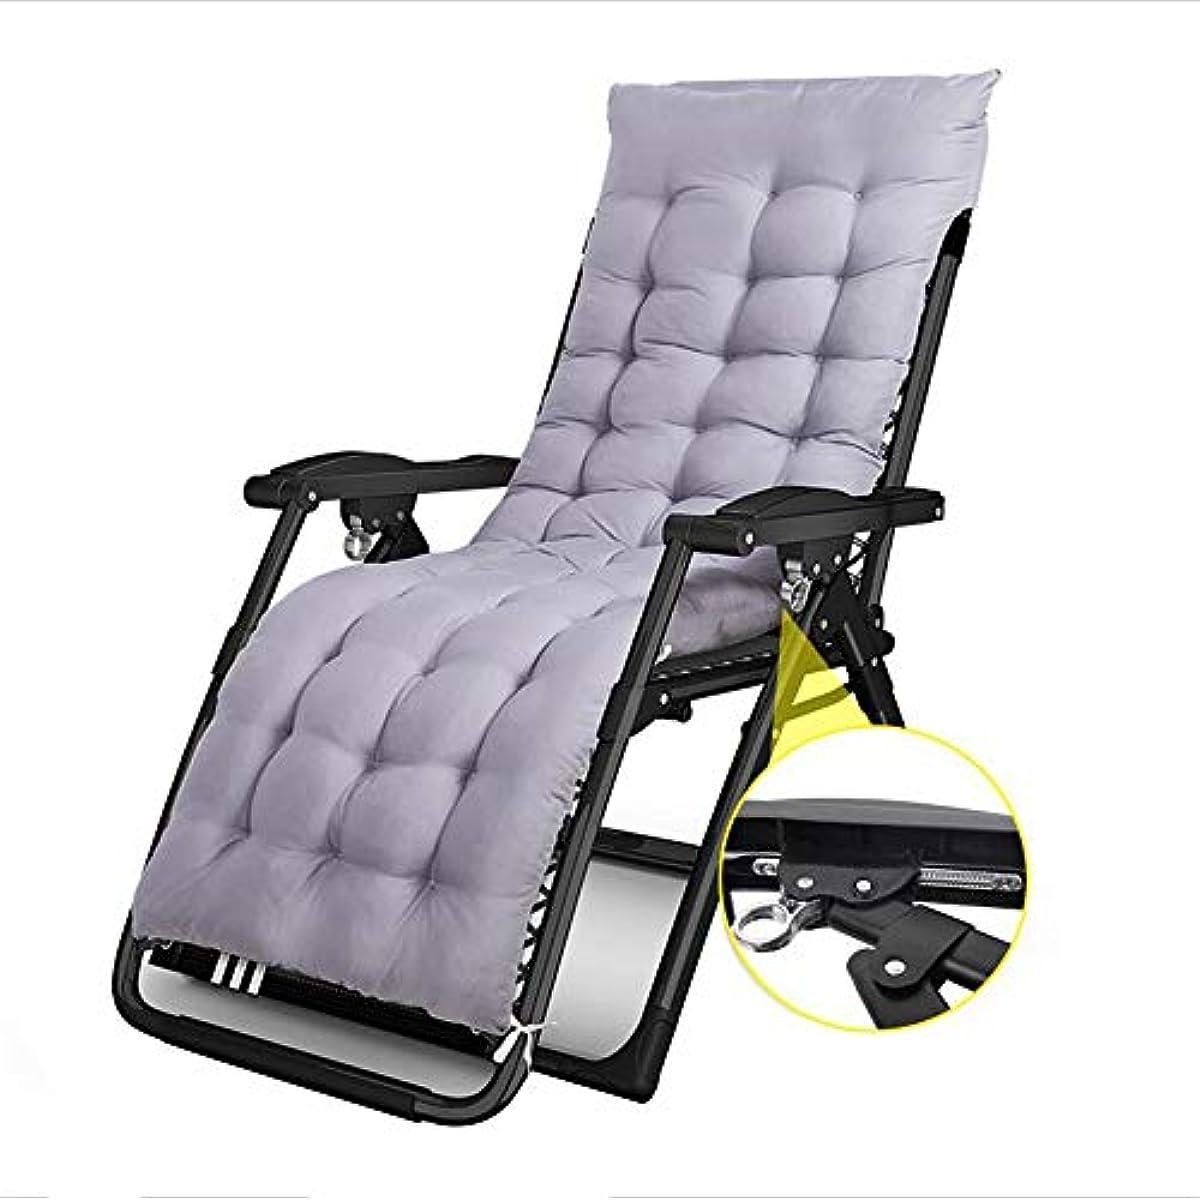 飾り羽トレッド幼児Tiao ZHAN ランチブレーキ 折りたたみ椅子/スリーピングチェア/ロッキングチェア/レジャー/大人用レジャーチェア/高齢者用椅子 AA